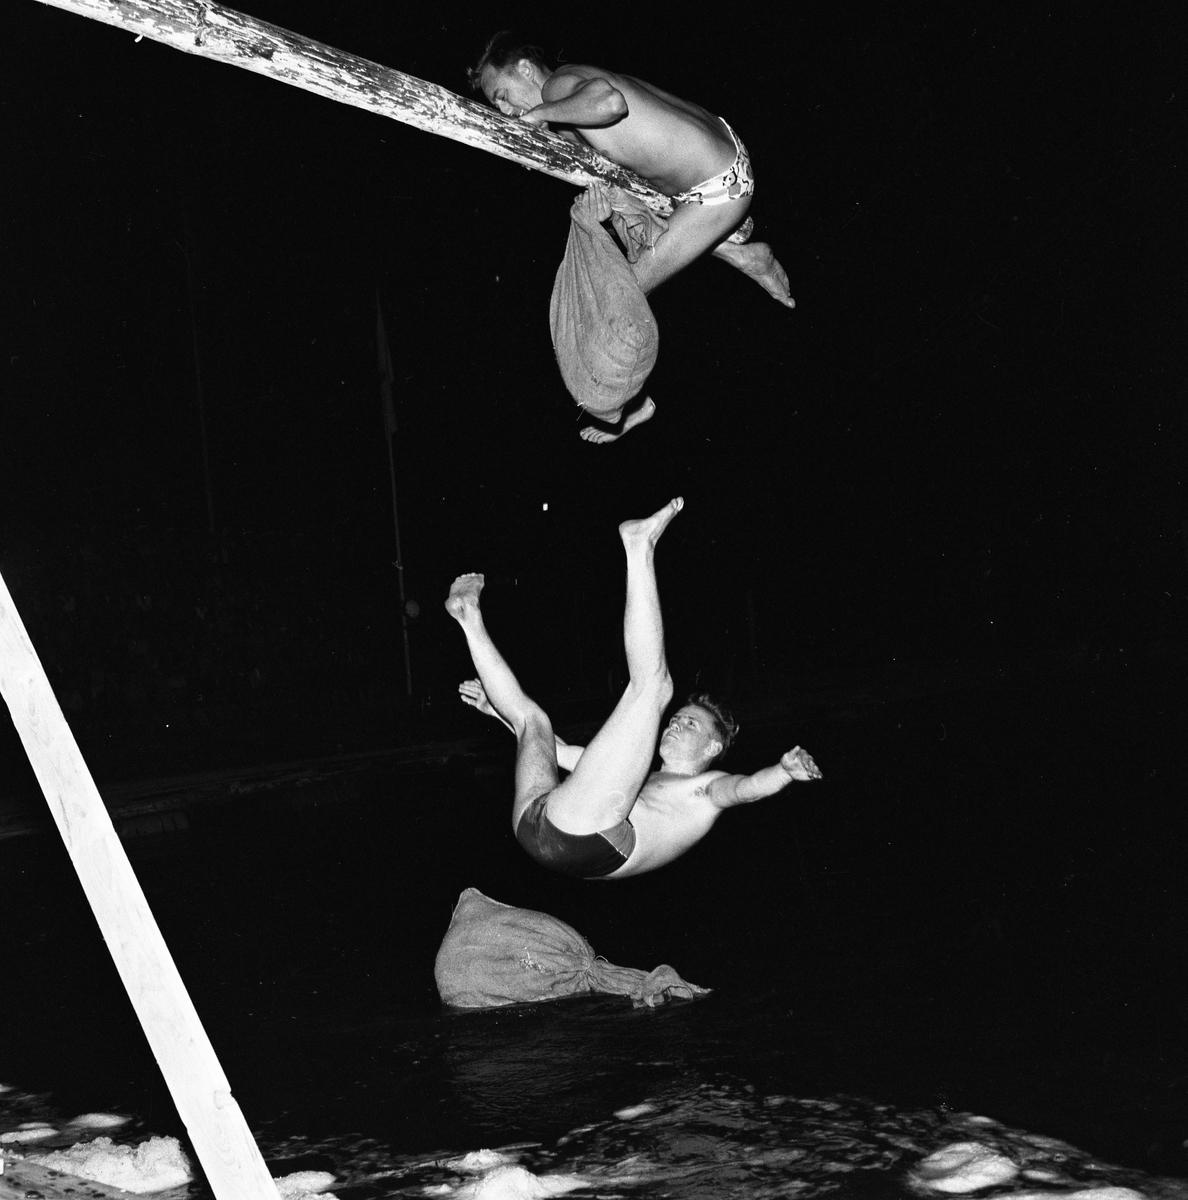 Arboga Simsällskap arrangerar Eldfest vid Villagatsbadet. Två män, iklädda badbyxor, har suttit på en bom / stång över vattnet. De har försökt slå ner varandra med var sin säck. Nu har en av dem vunnit, den andre faller mot vattnet. I mörkret, till vänster, anas publiken.